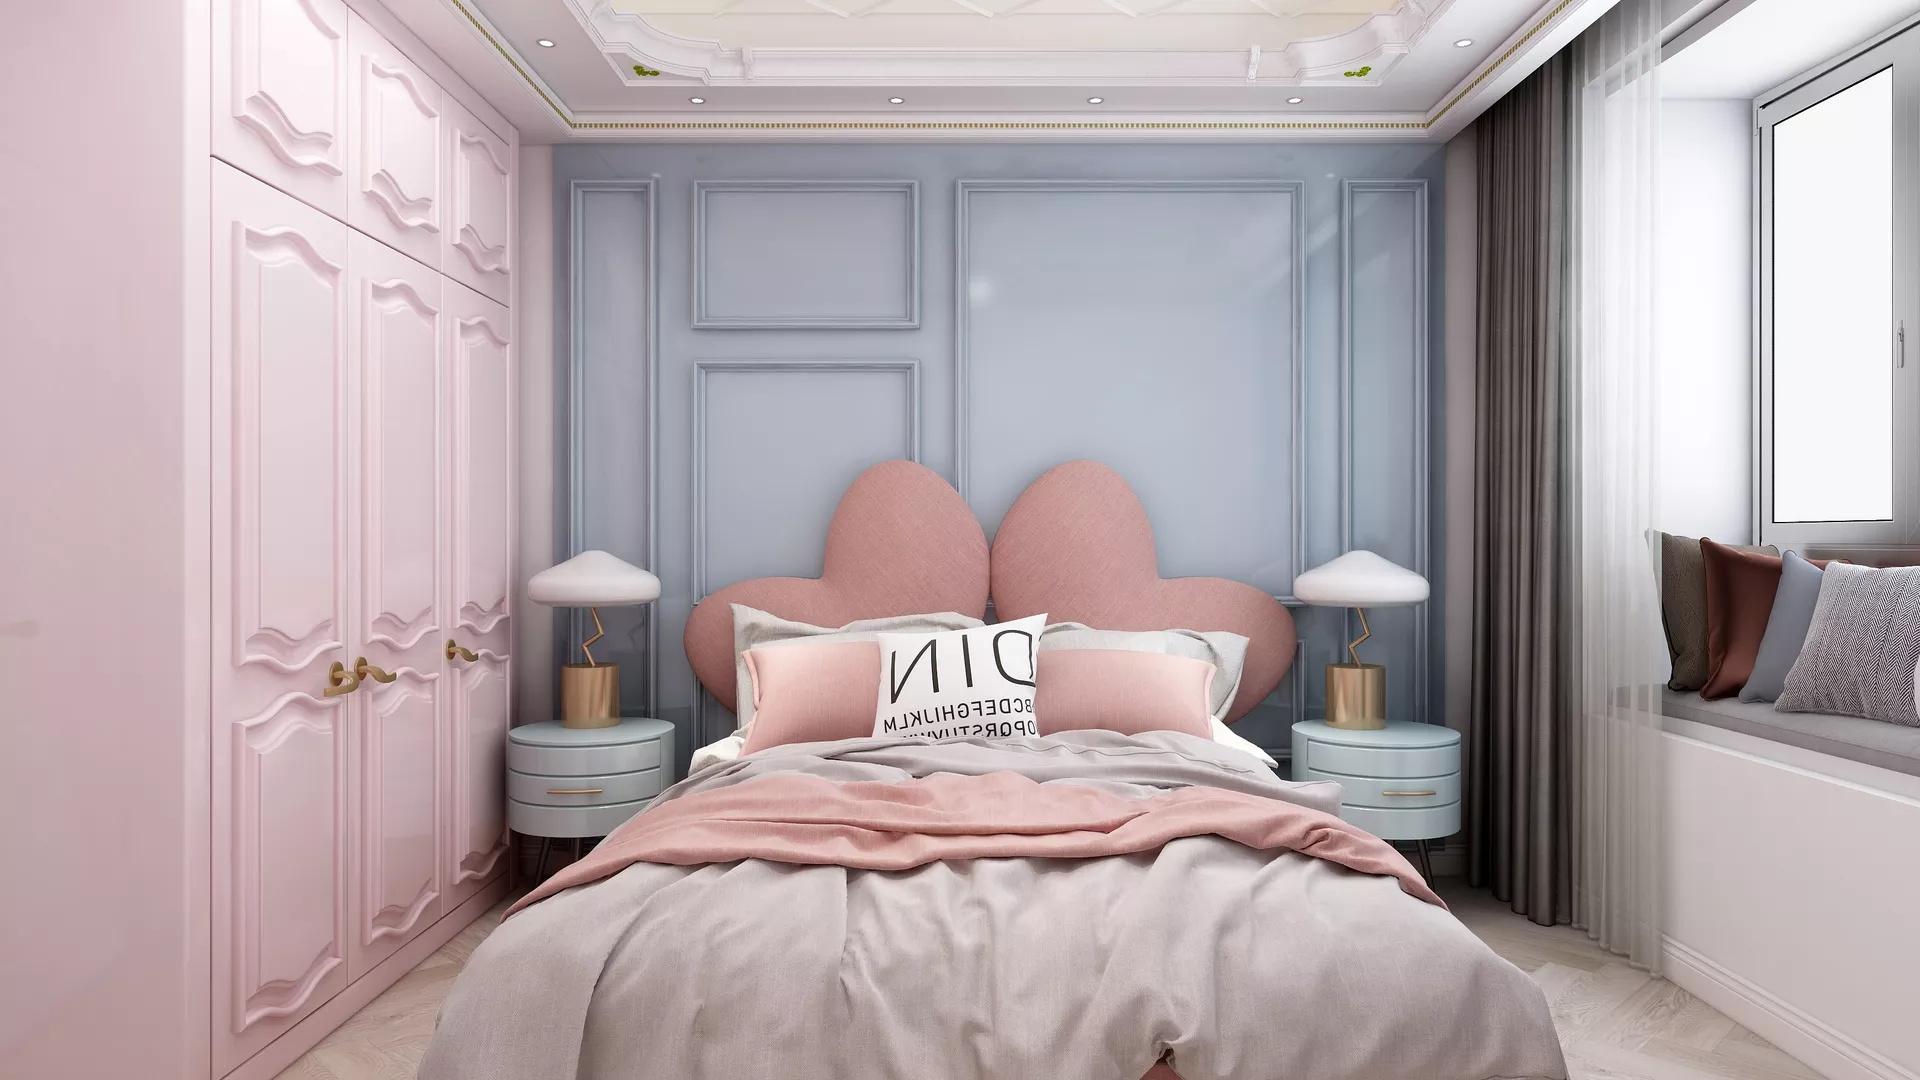 卧室装吊灯还是吸顶灯好?卧室吸顶灯推荐